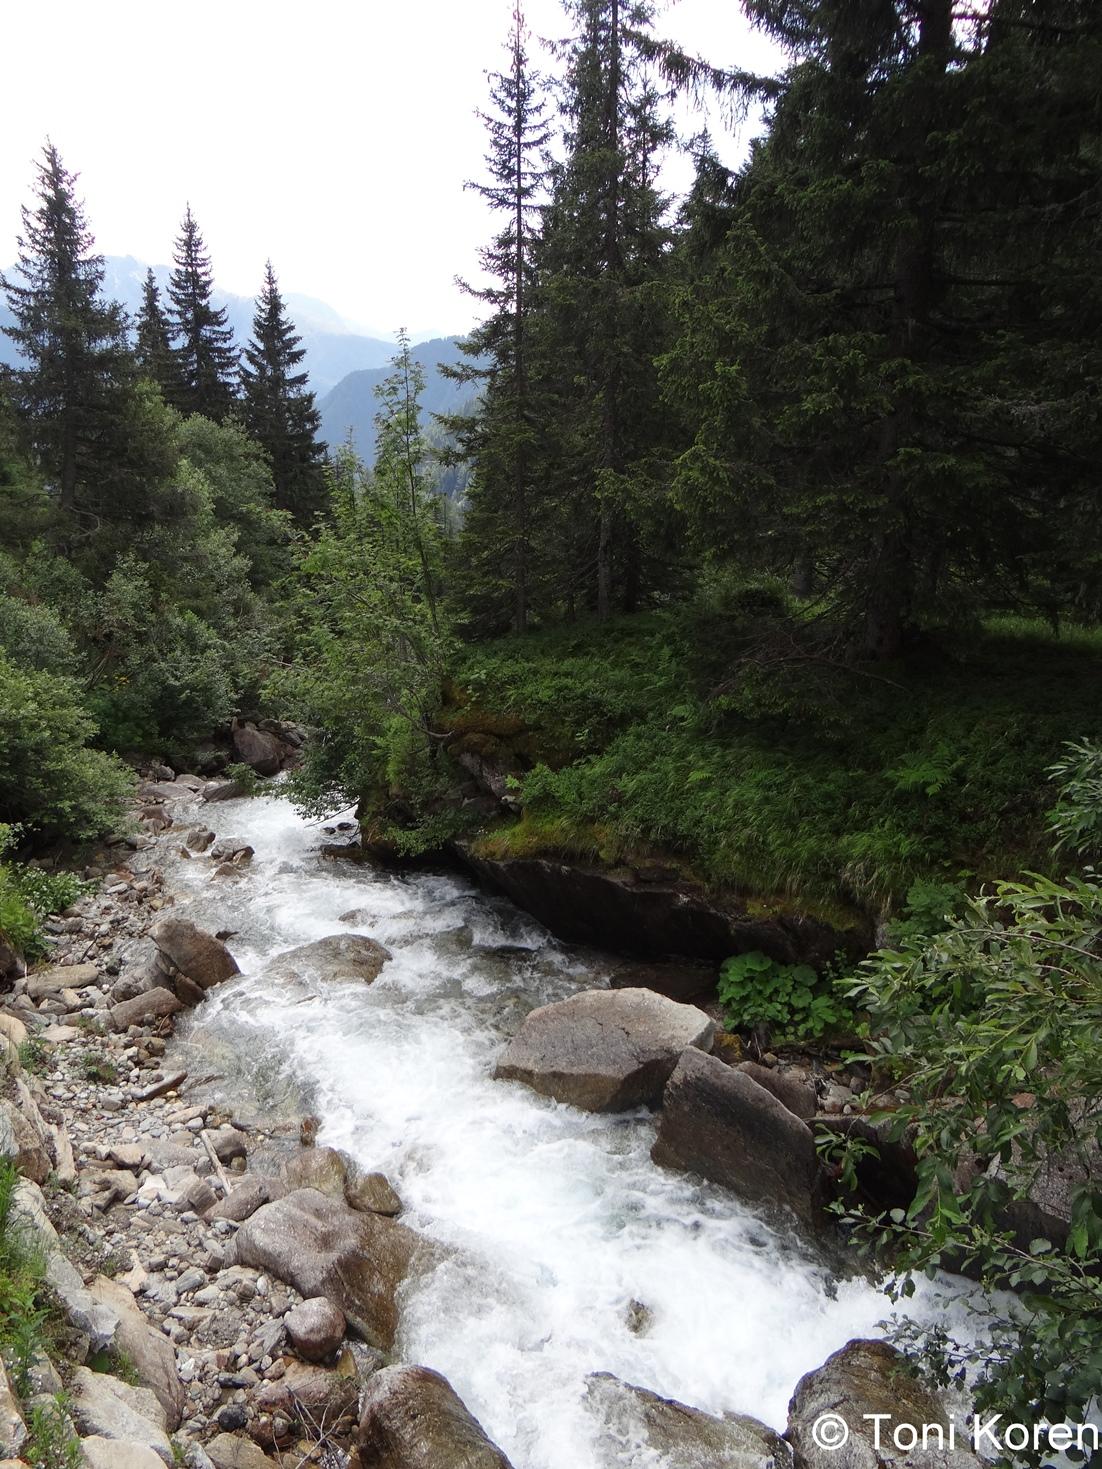 Dani bioraznolikosti u nacionalnom parku Visoke Ture u Austriji